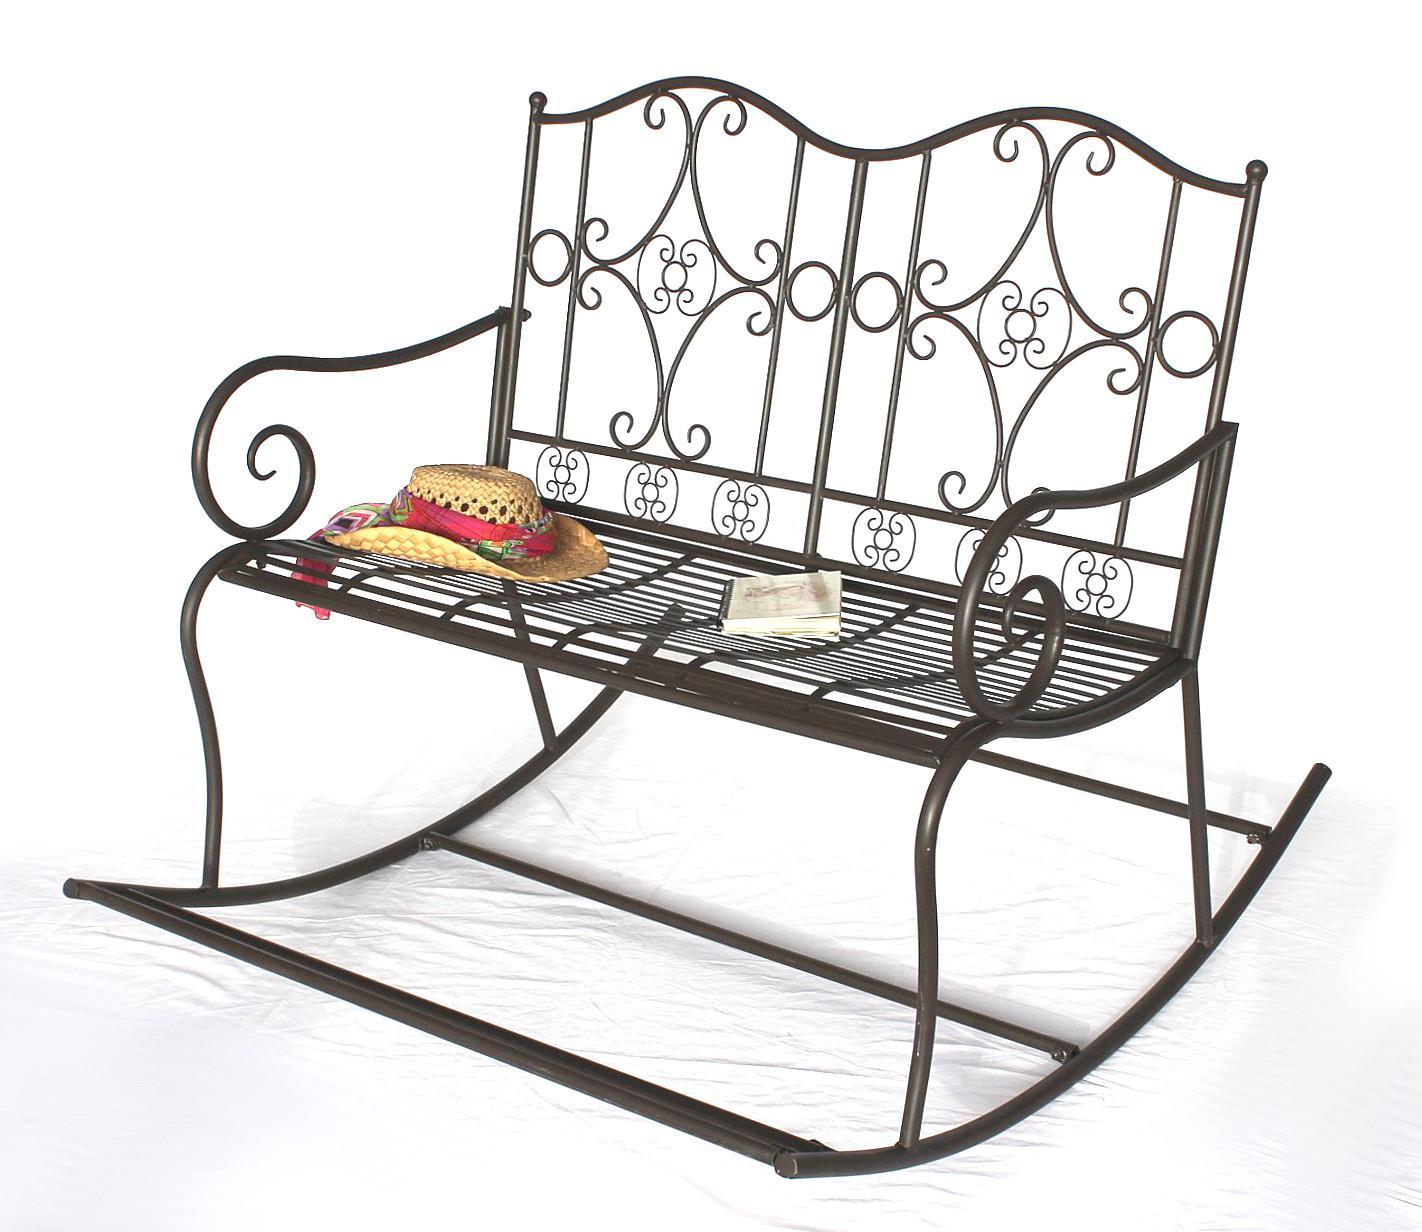 dandibo schaukelbank gartenbank wetterfest aus metall bank schaukel sitzbank 2 sitzer dy140489. Black Bedroom Furniture Sets. Home Design Ideas